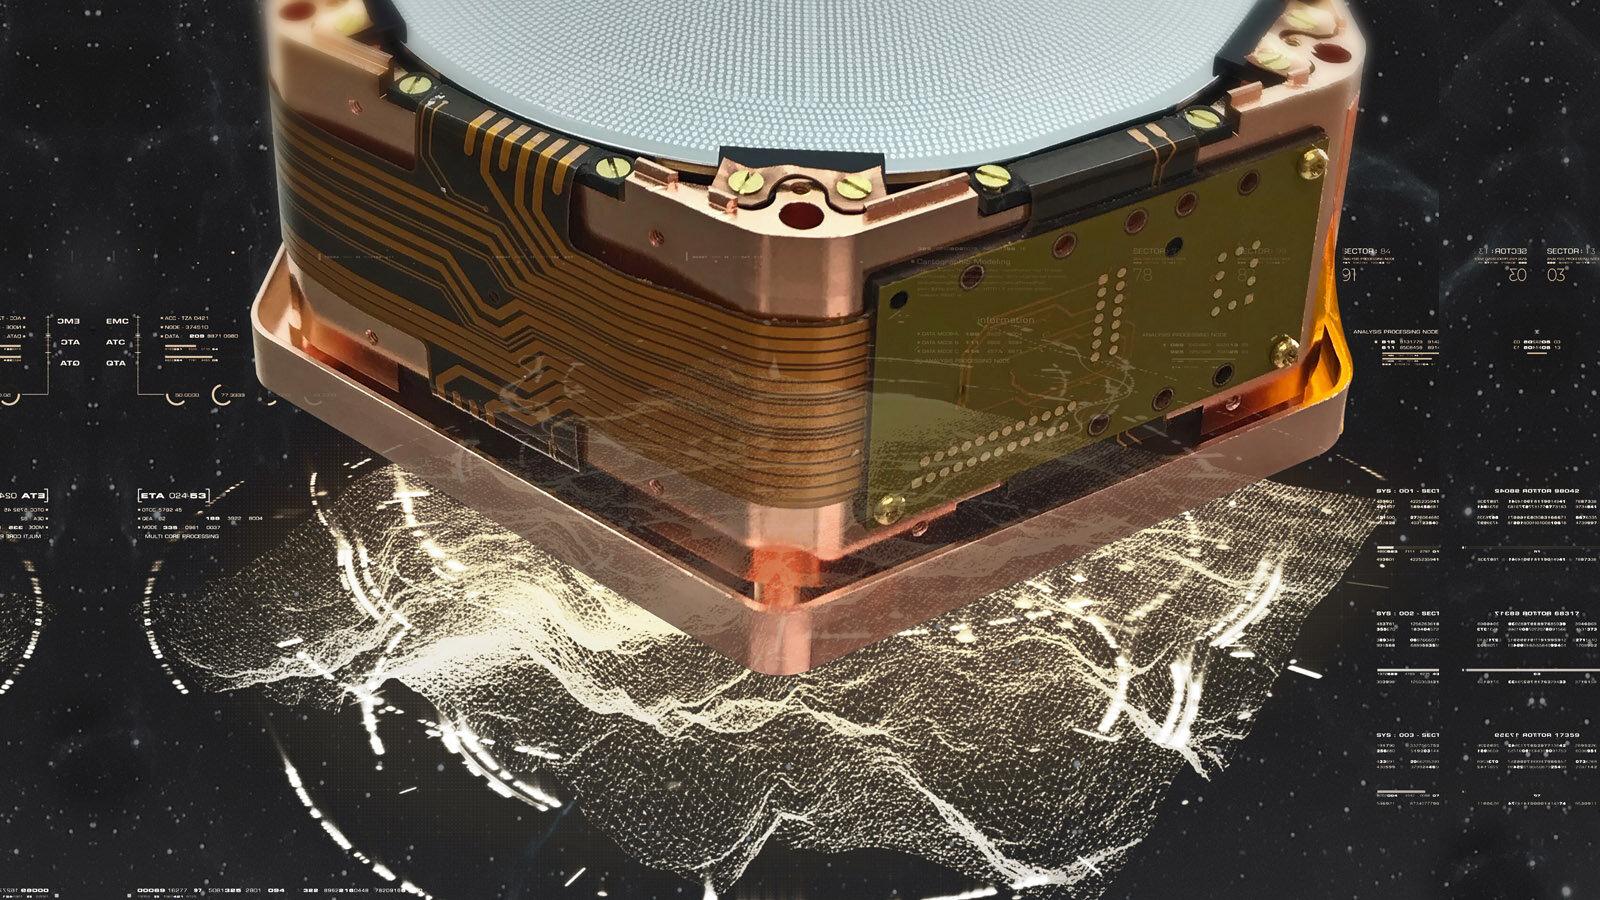 量子コンピューターは地下室に作れ 放射線の影響を新研究が解明